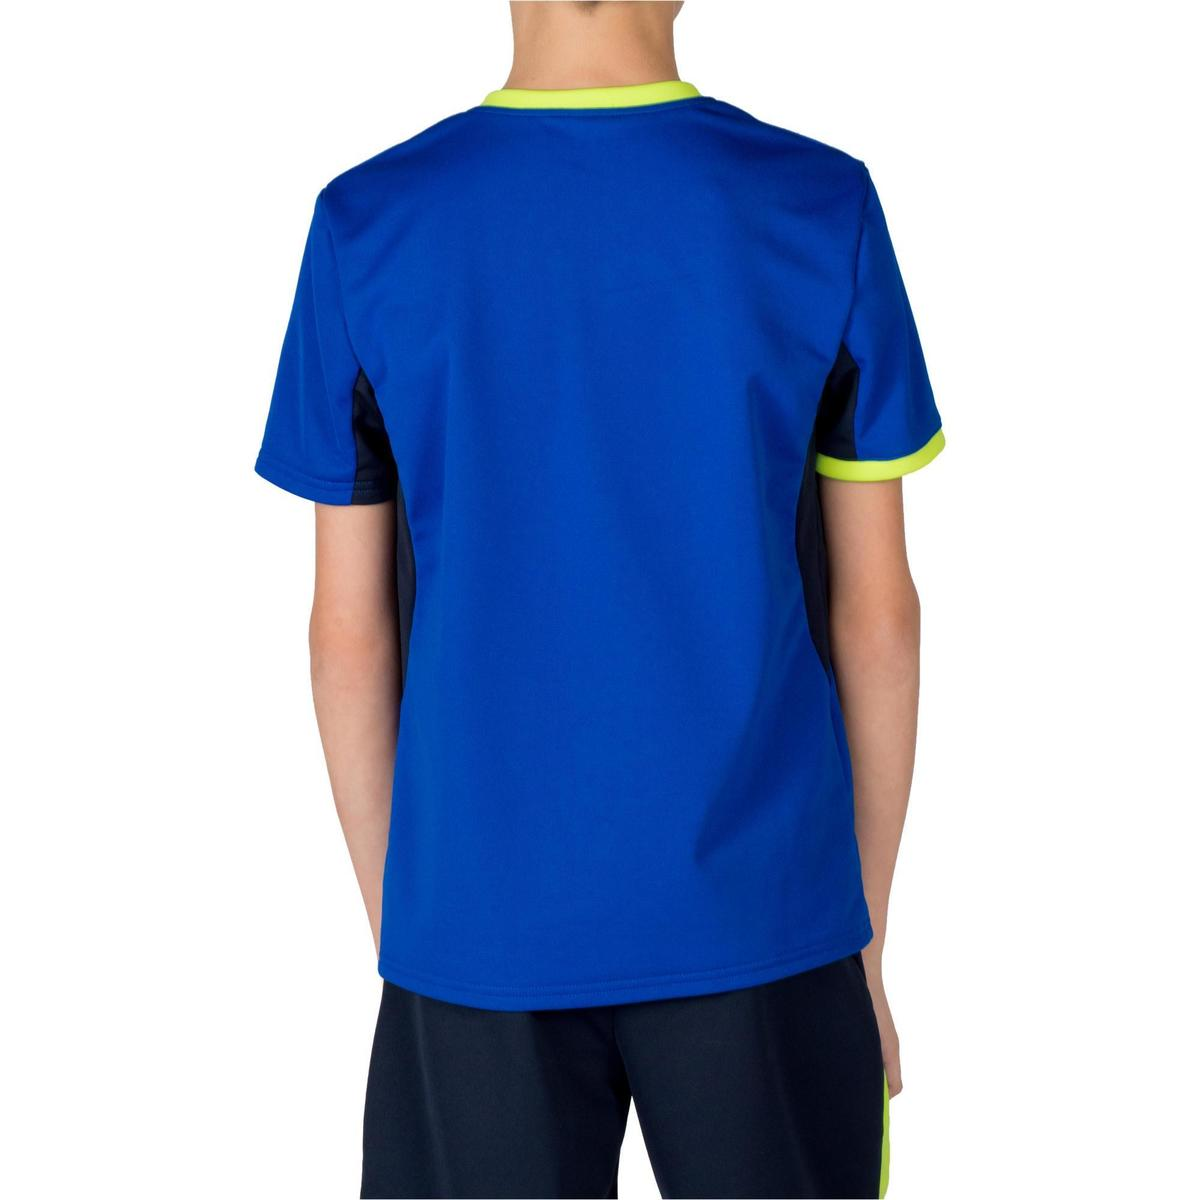 Bild 5 von Handballtrikot H100 Kinder blau/gelb